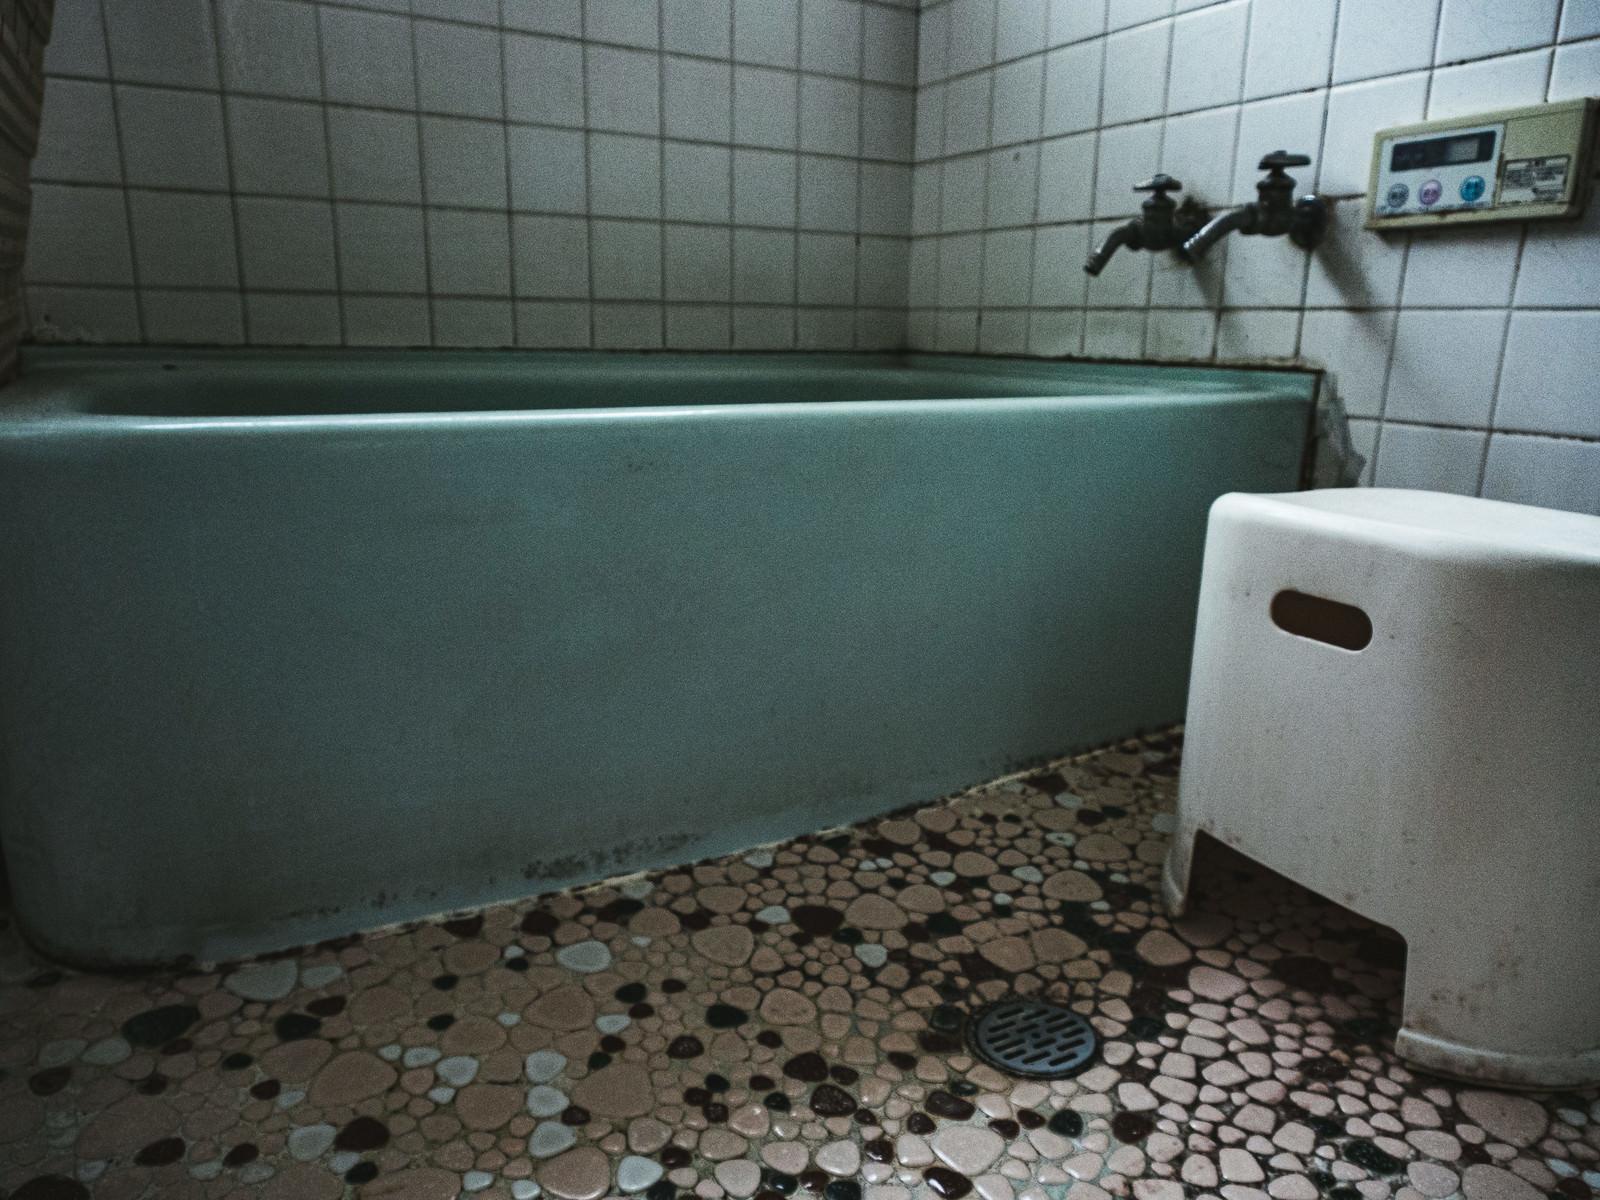 「汚れた浴室」の写真